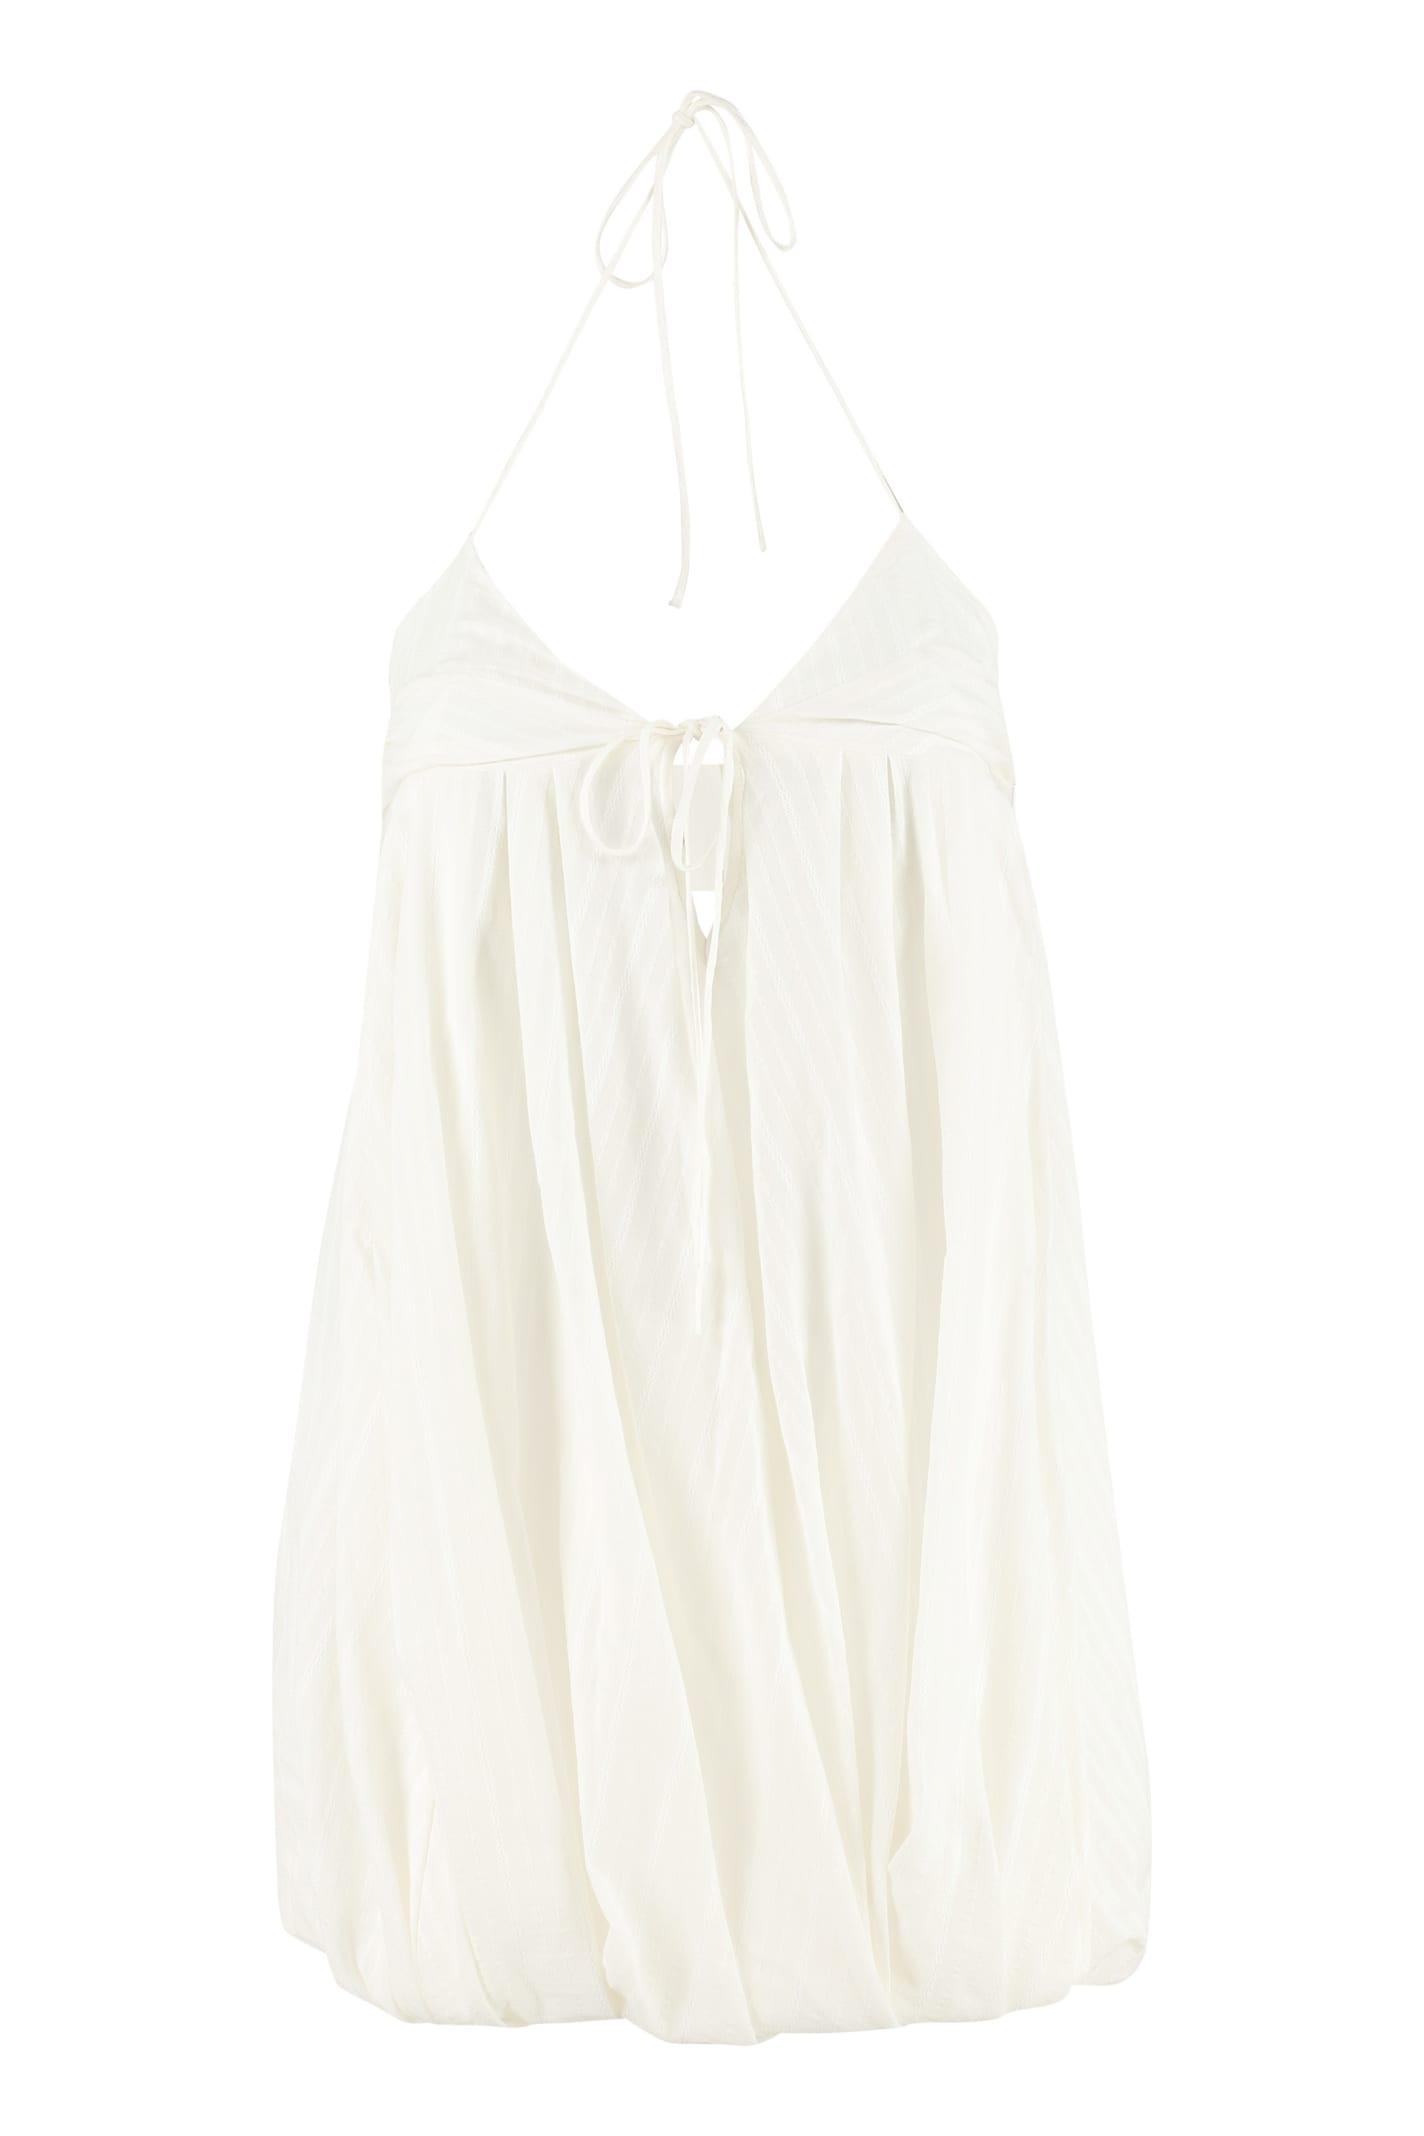 Jacquemus Caro Balloon Mini Dress